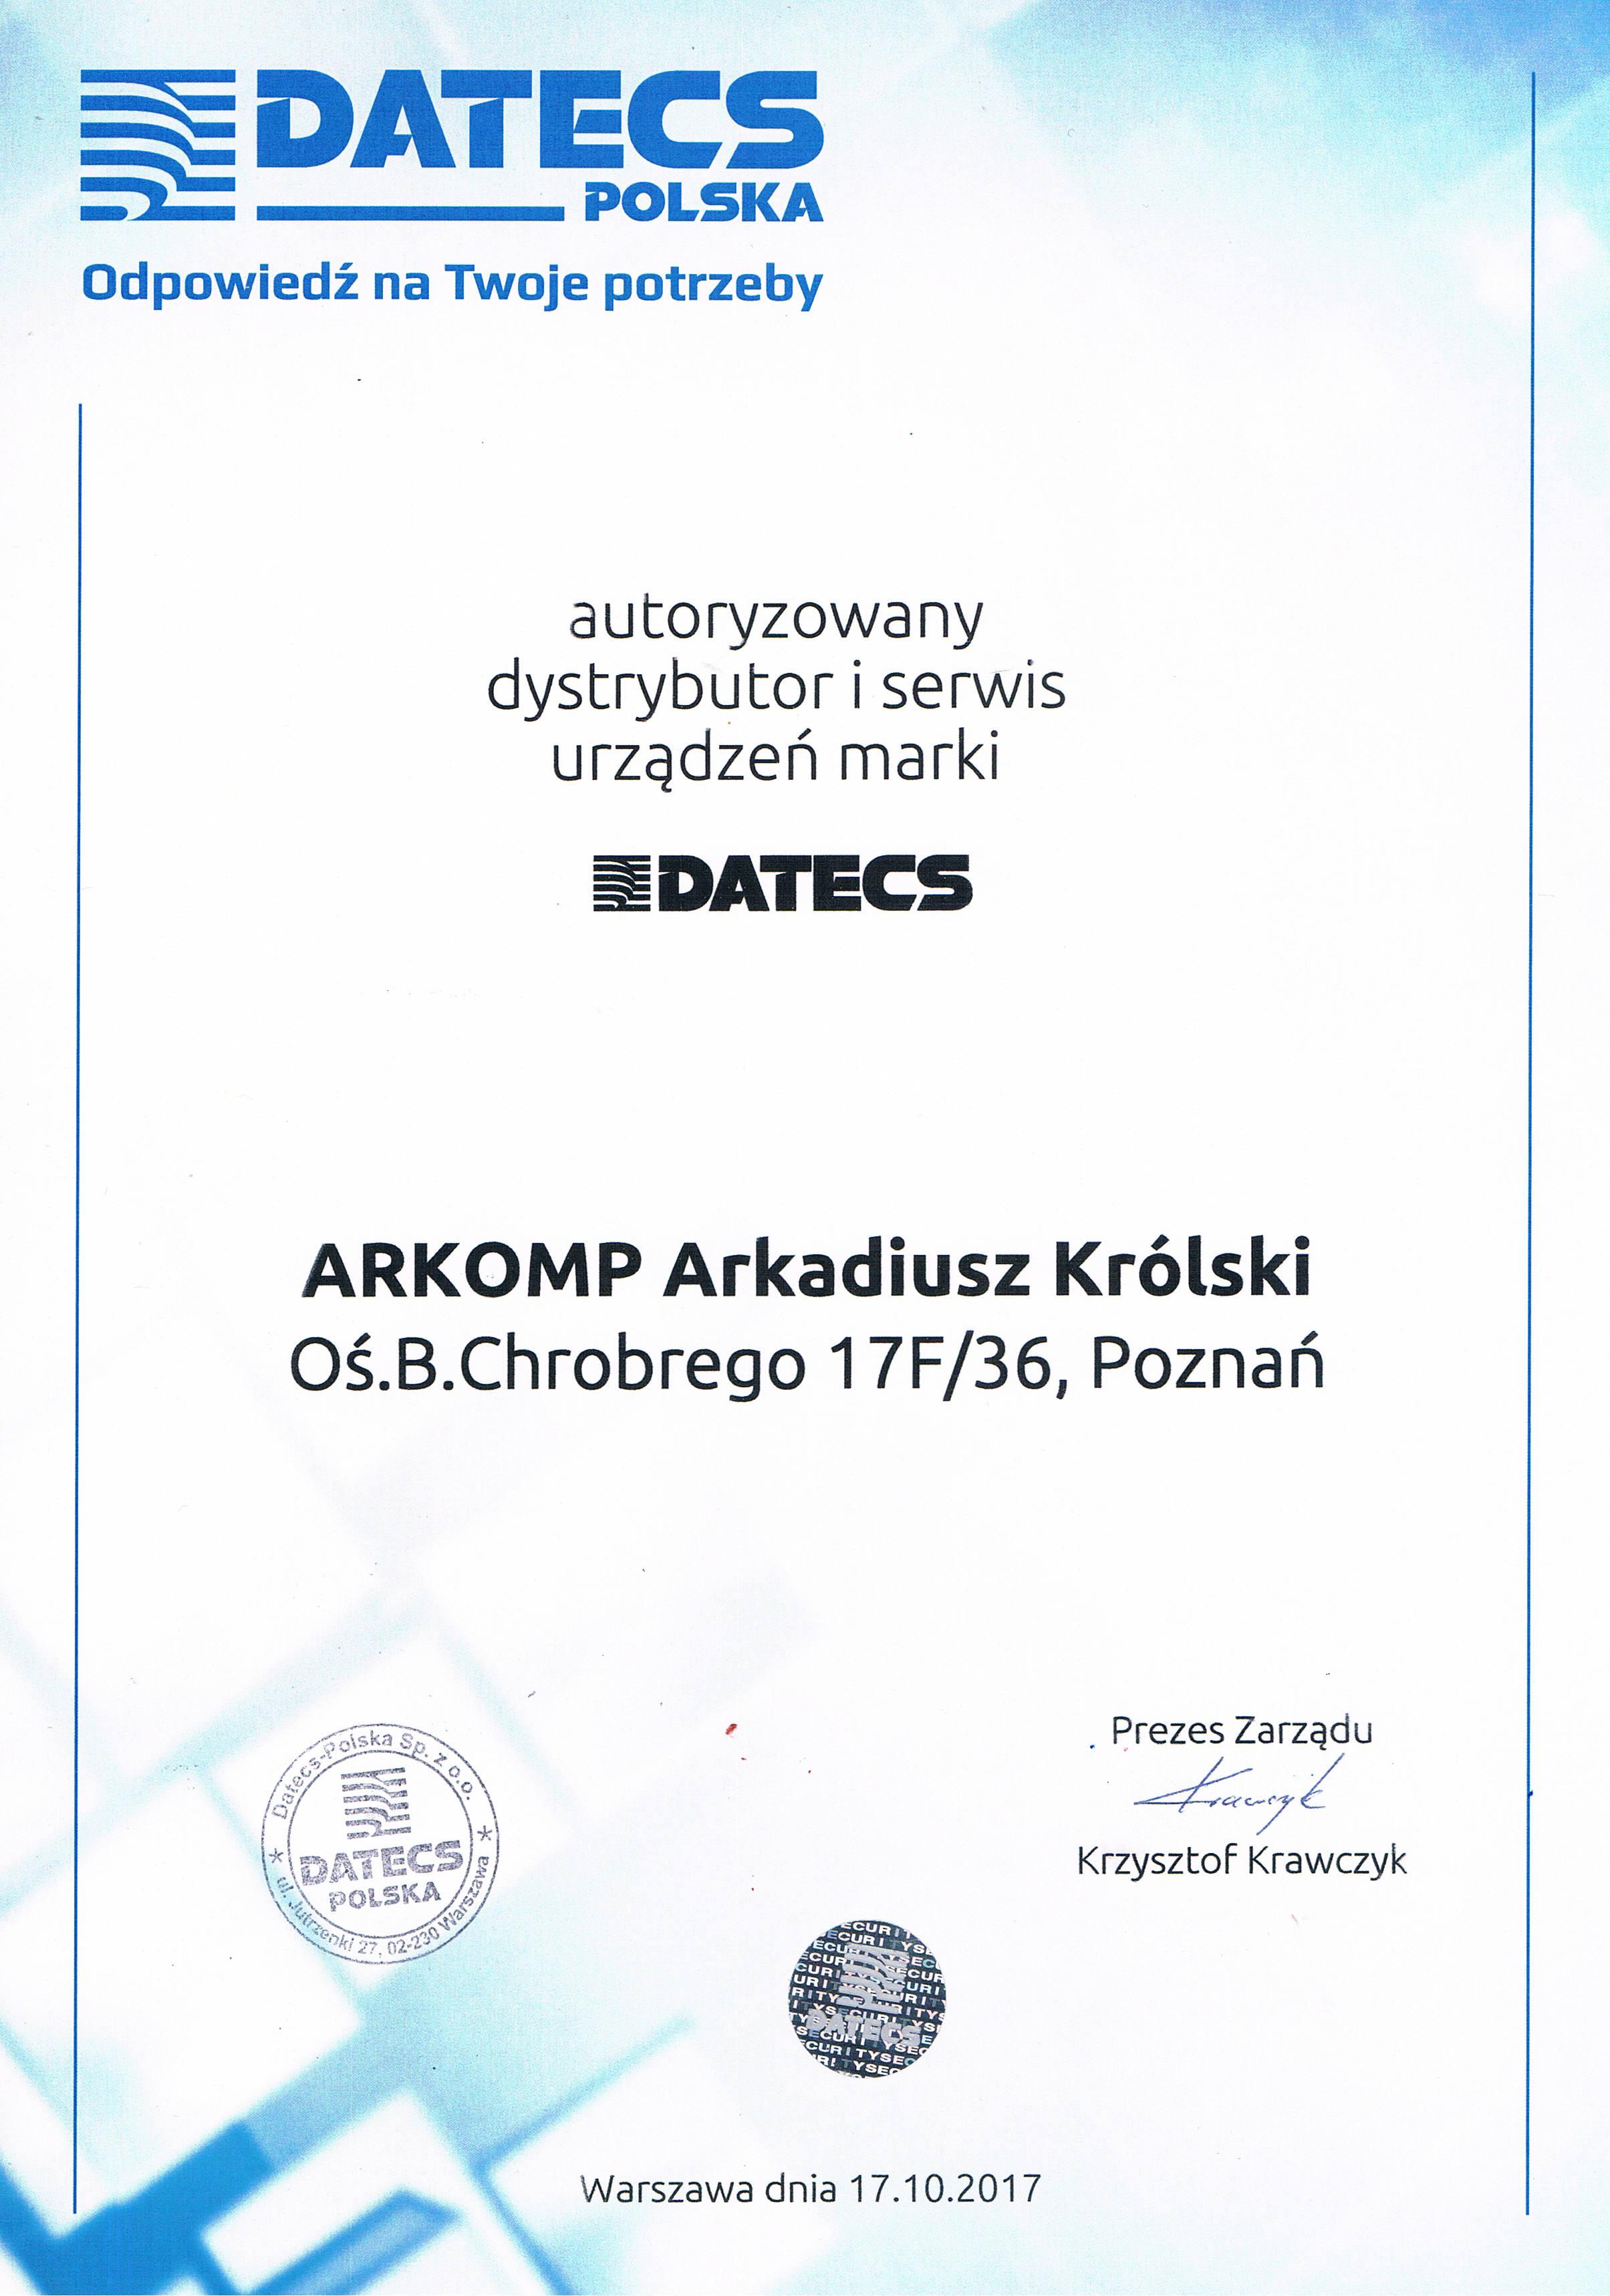 ARKOMP-Autoryzowany-Serwis-Datecs